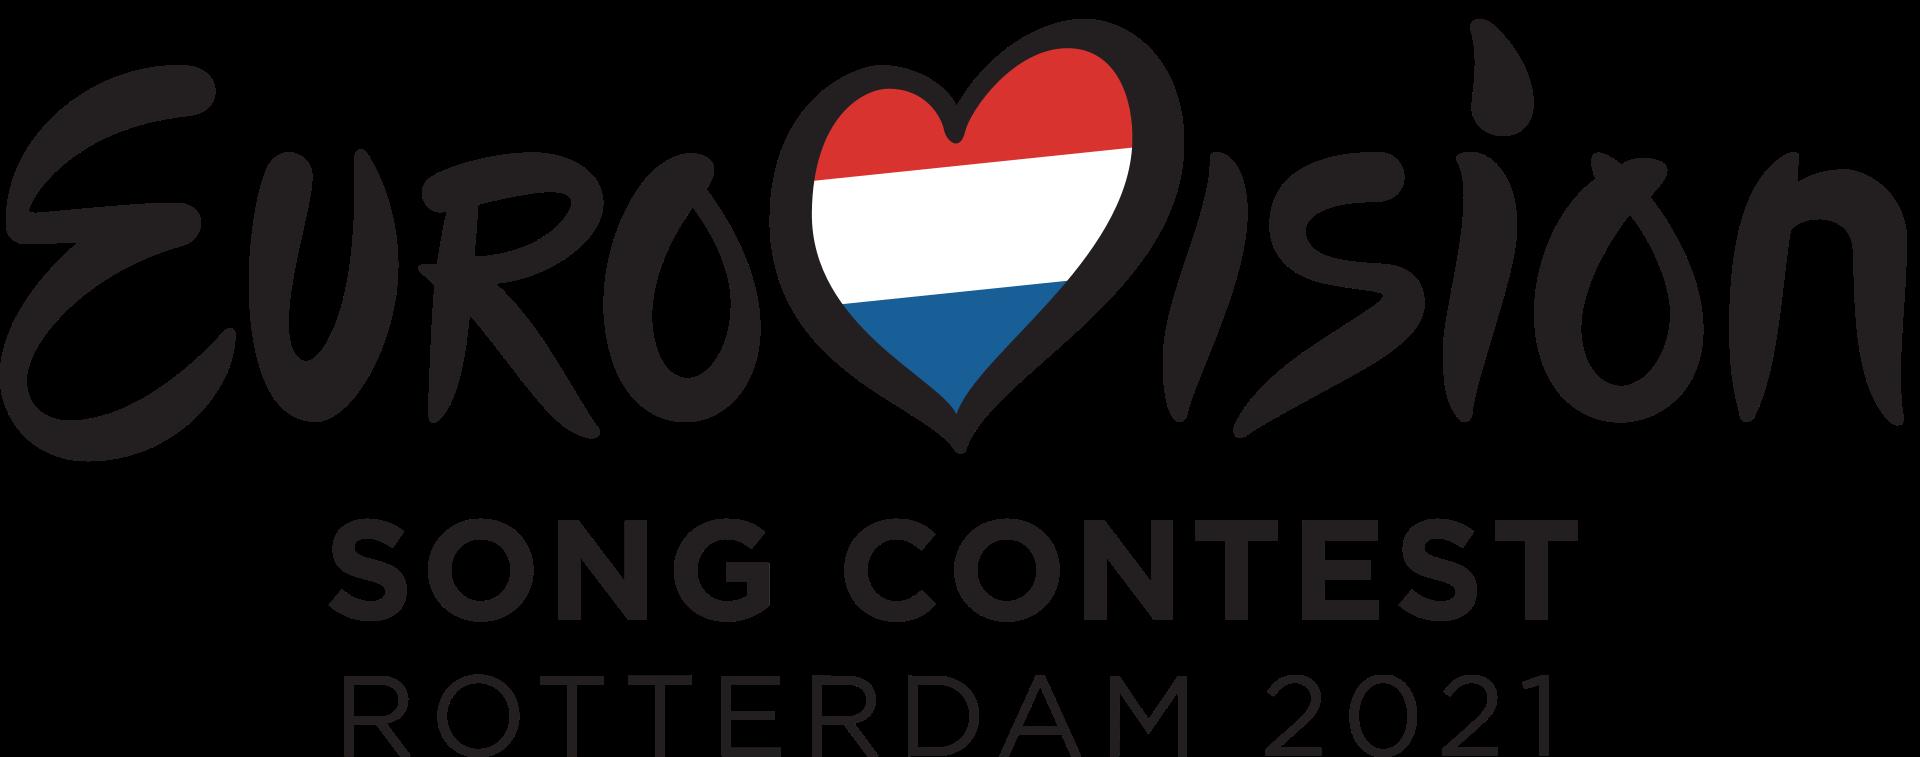 Siegersong Esc 2021